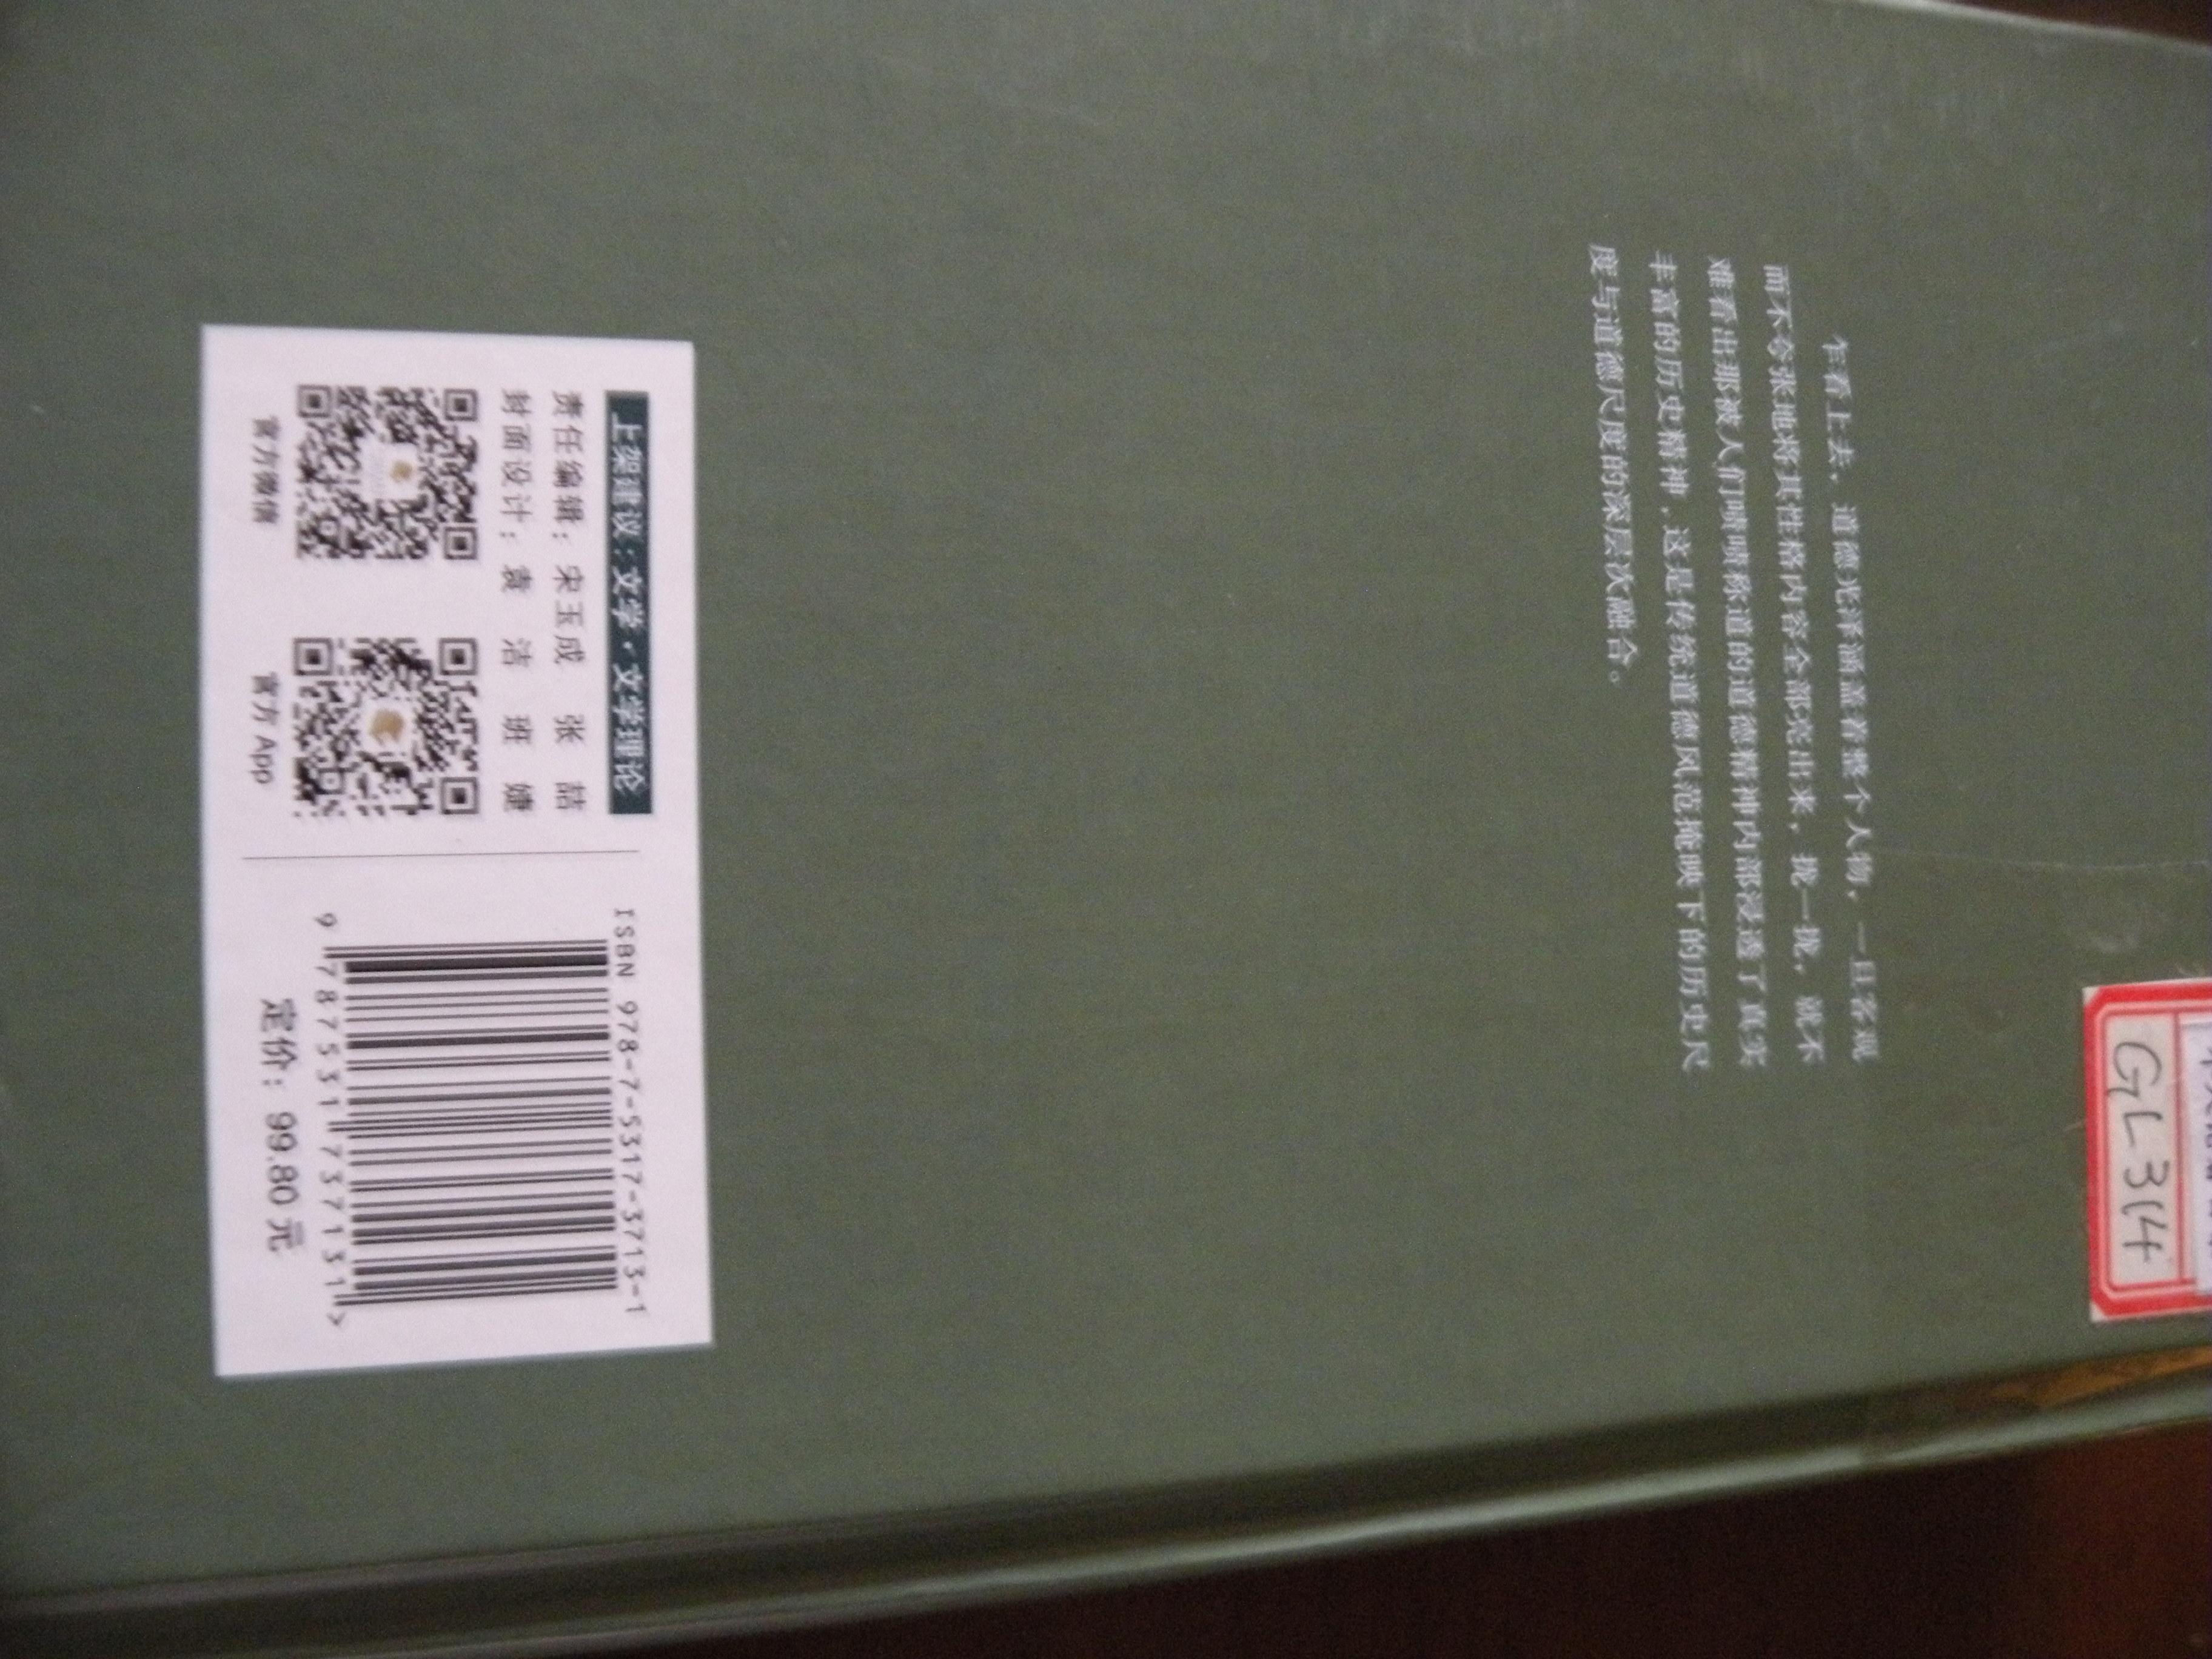 DSCN6356.JPG